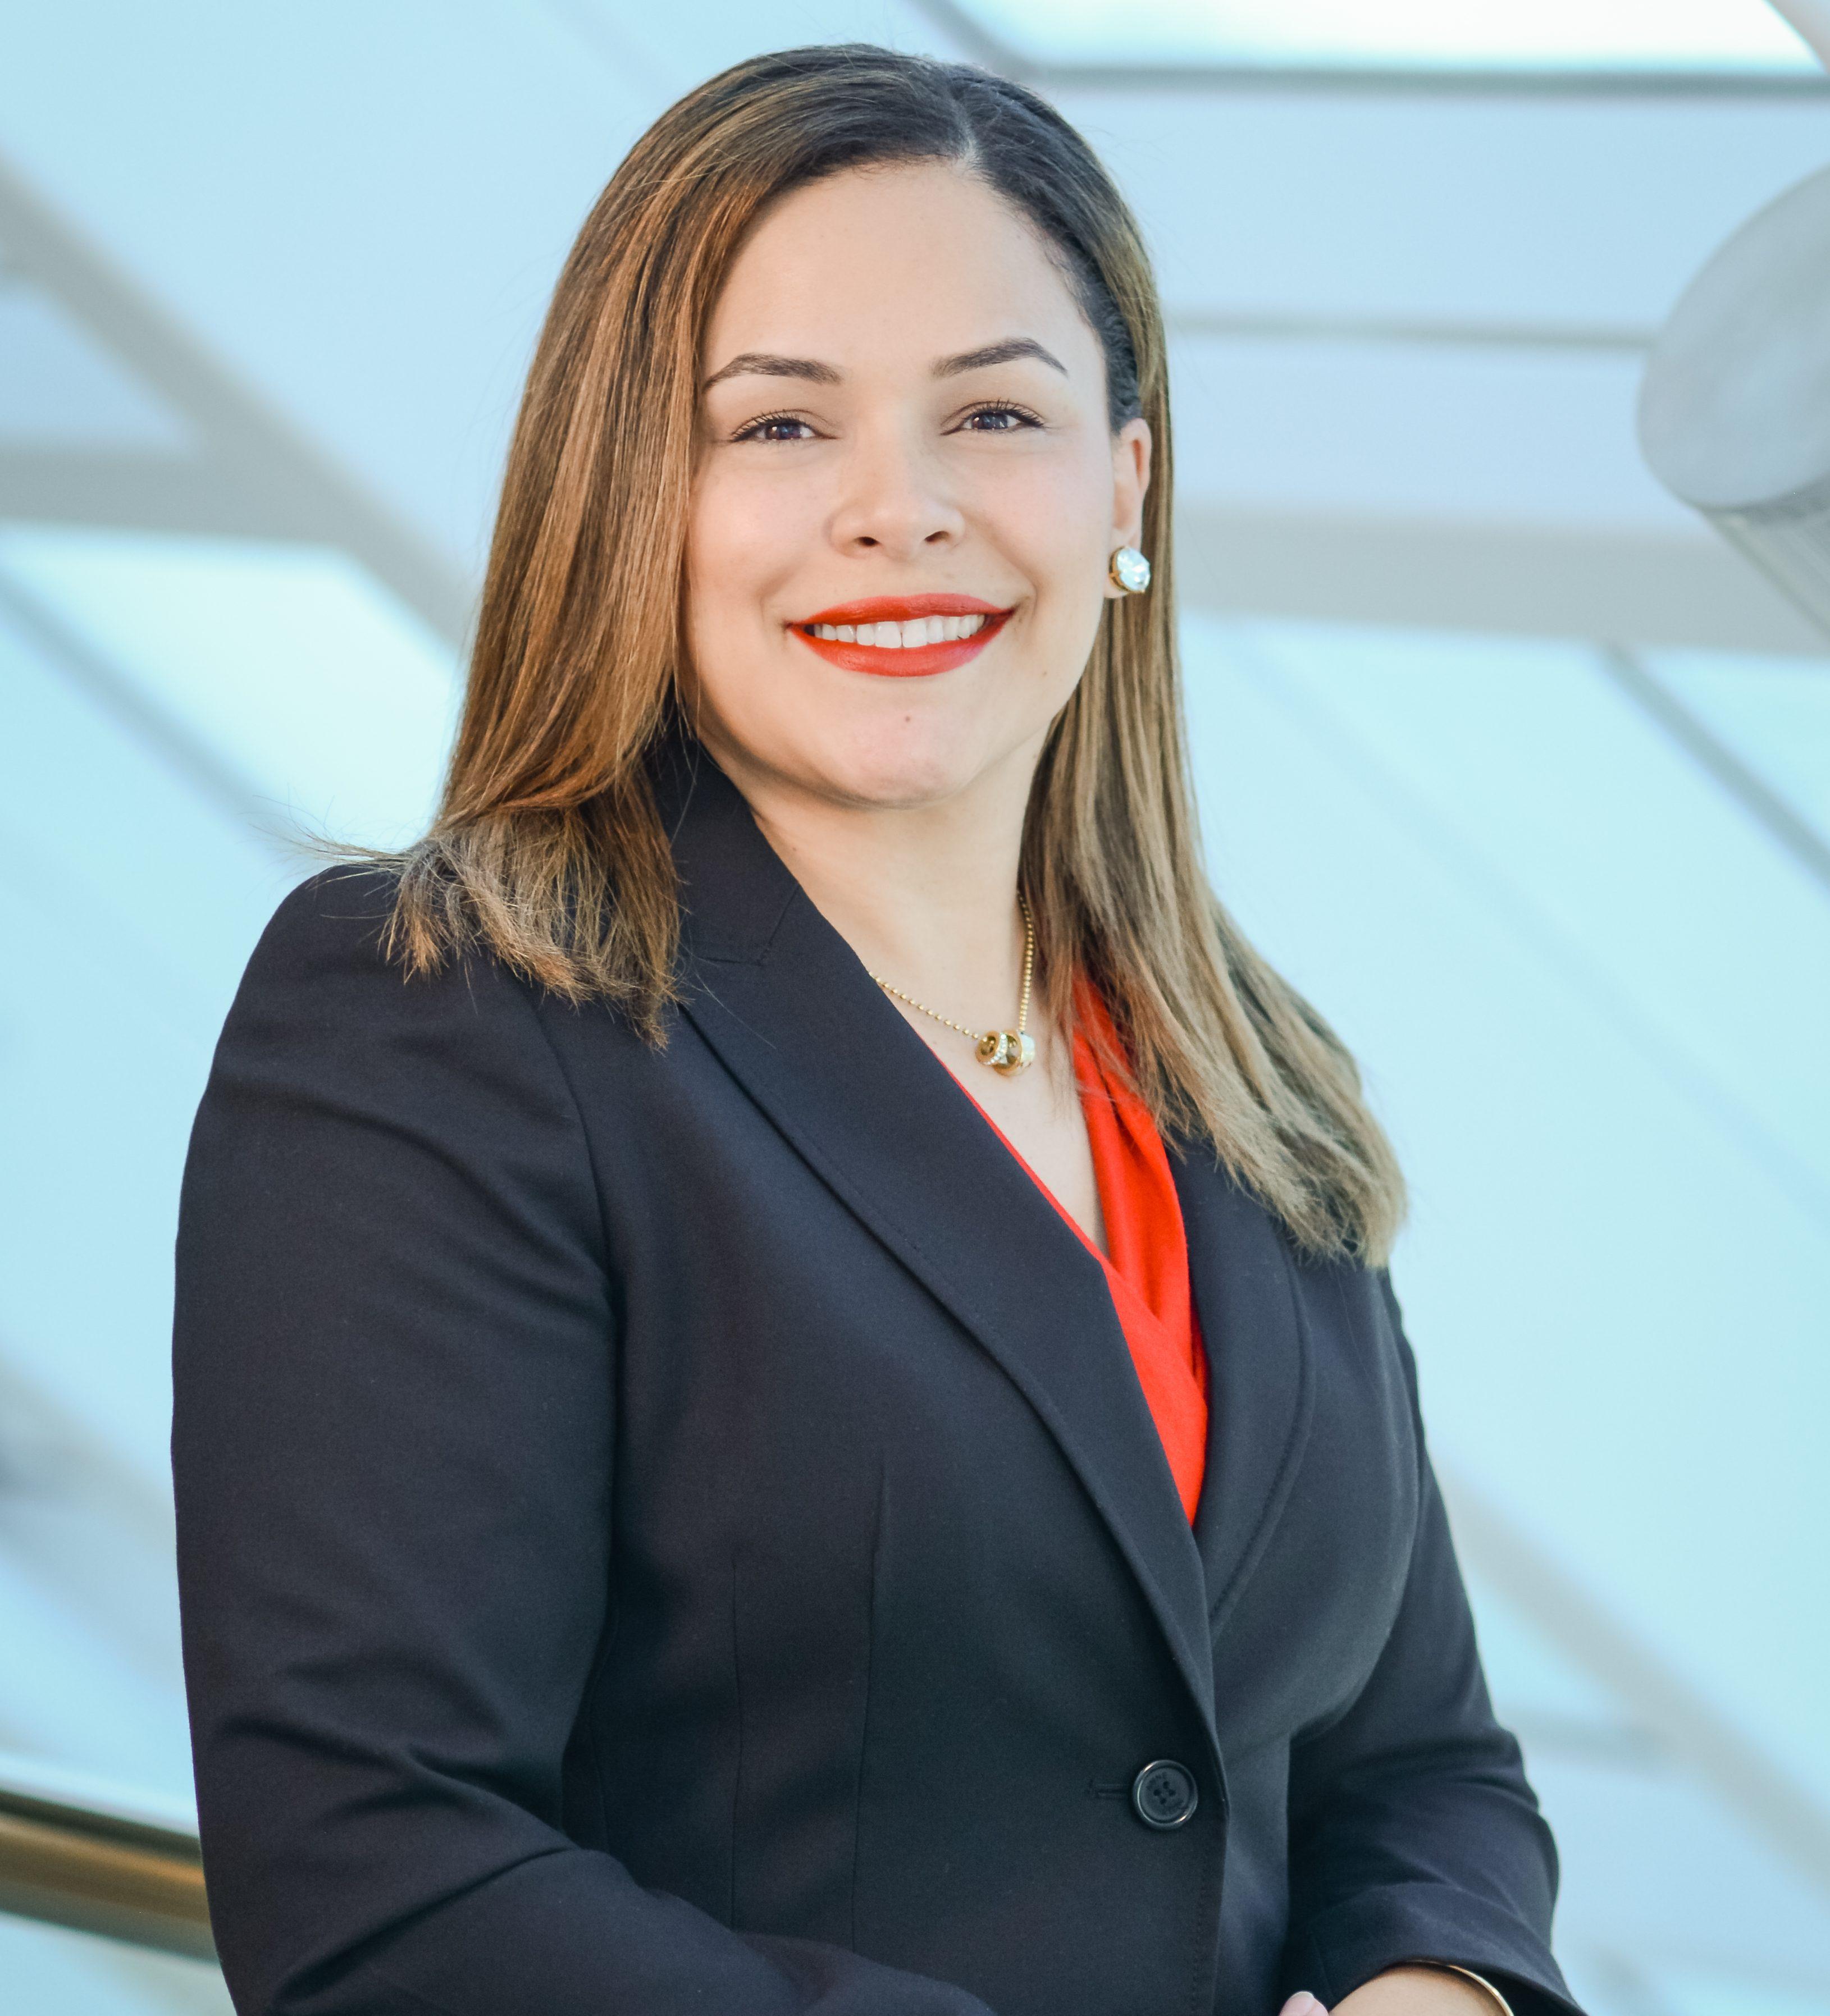 Dominique Rodriguez